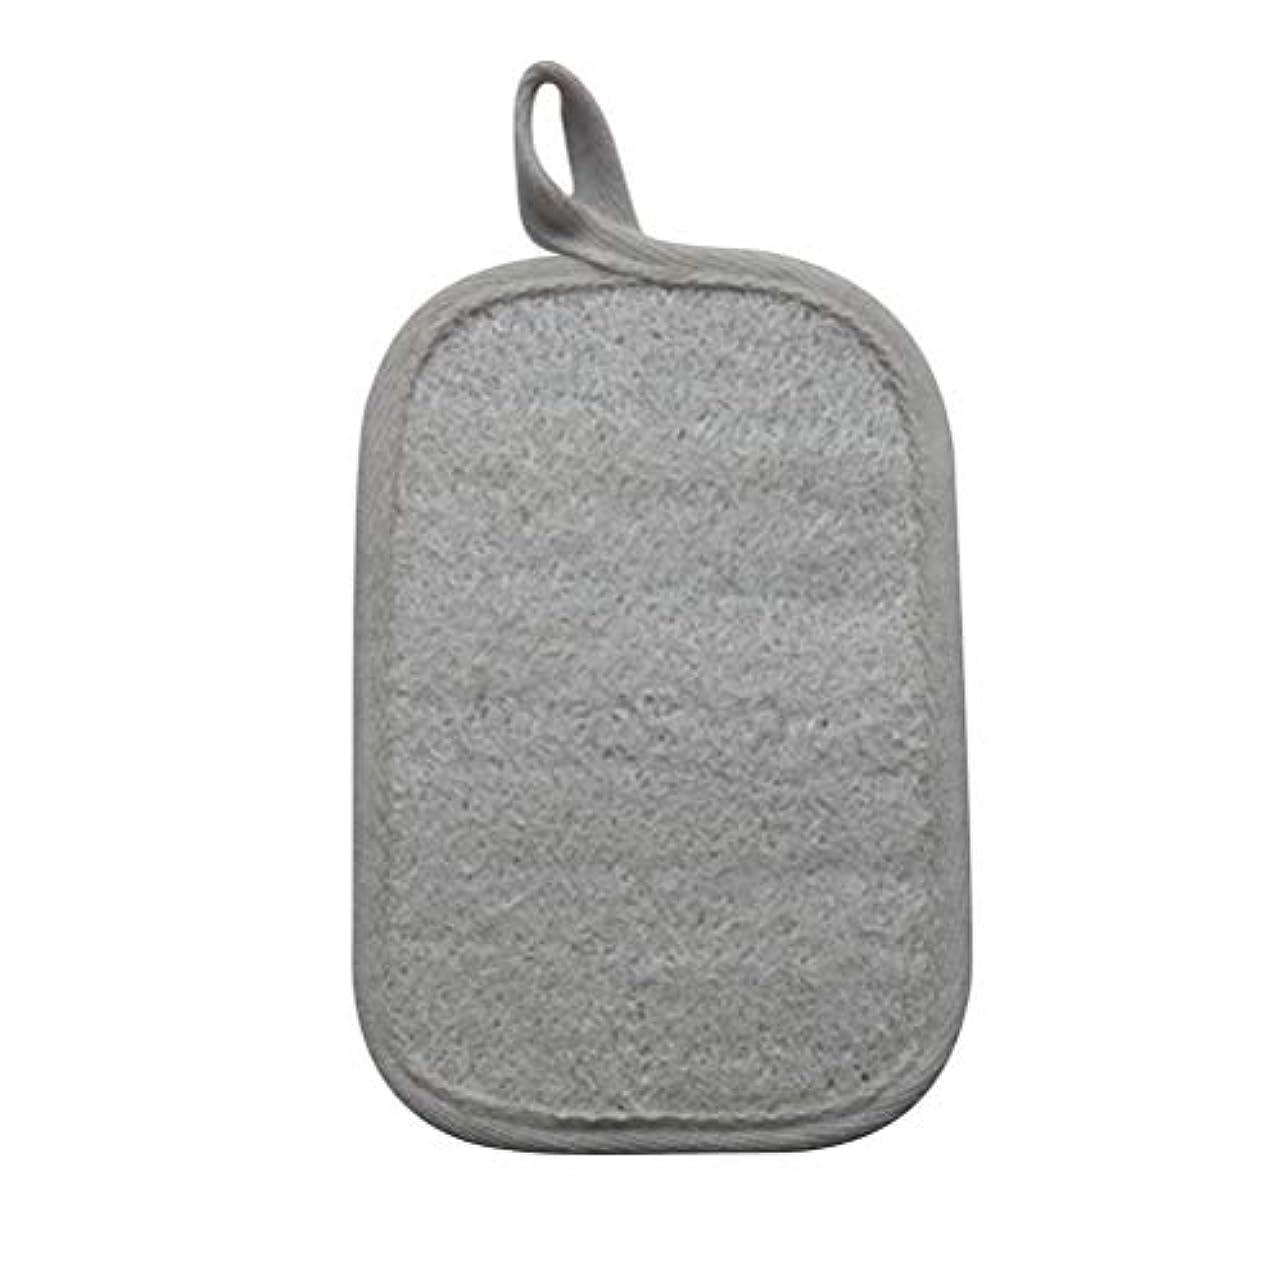 北米バルブ勇気のあるHEALIFTY シャワーのための自然なLoofahのスポンジパッドの風呂の剥離Loofahのスポンジのスクラバー